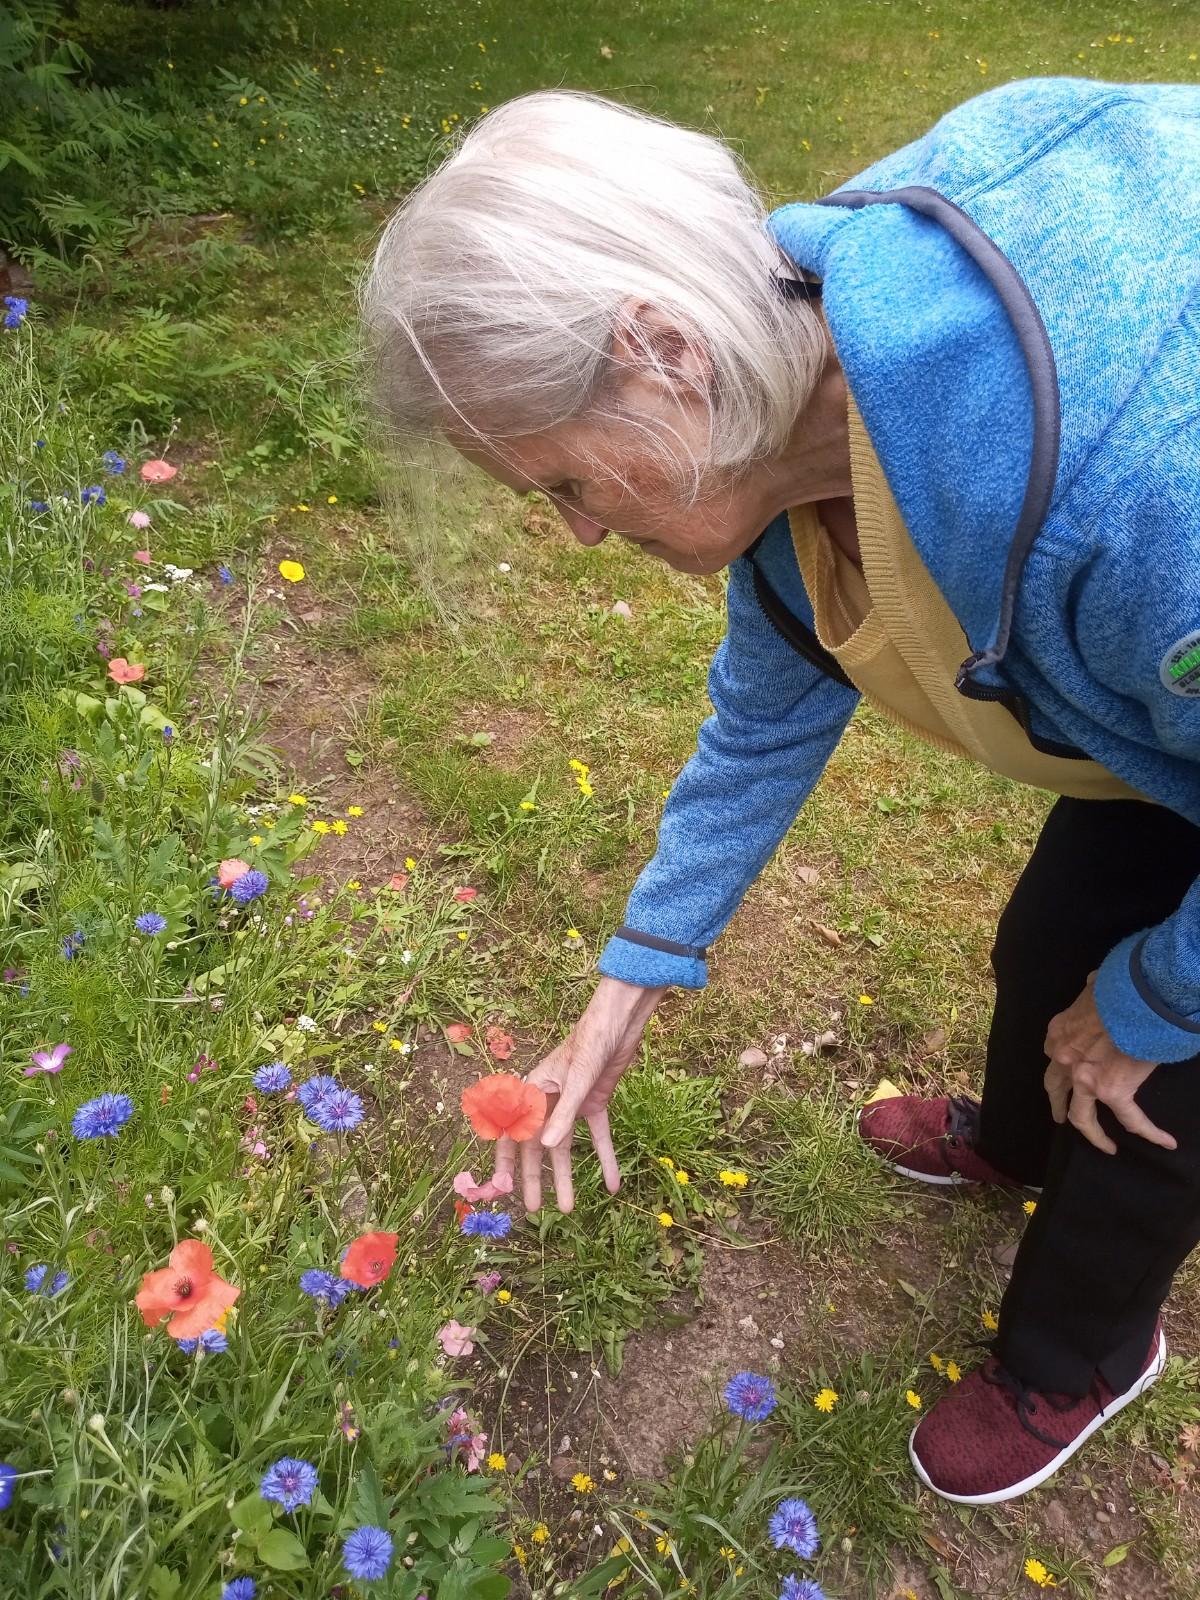 Frau beim Blumen pflücken